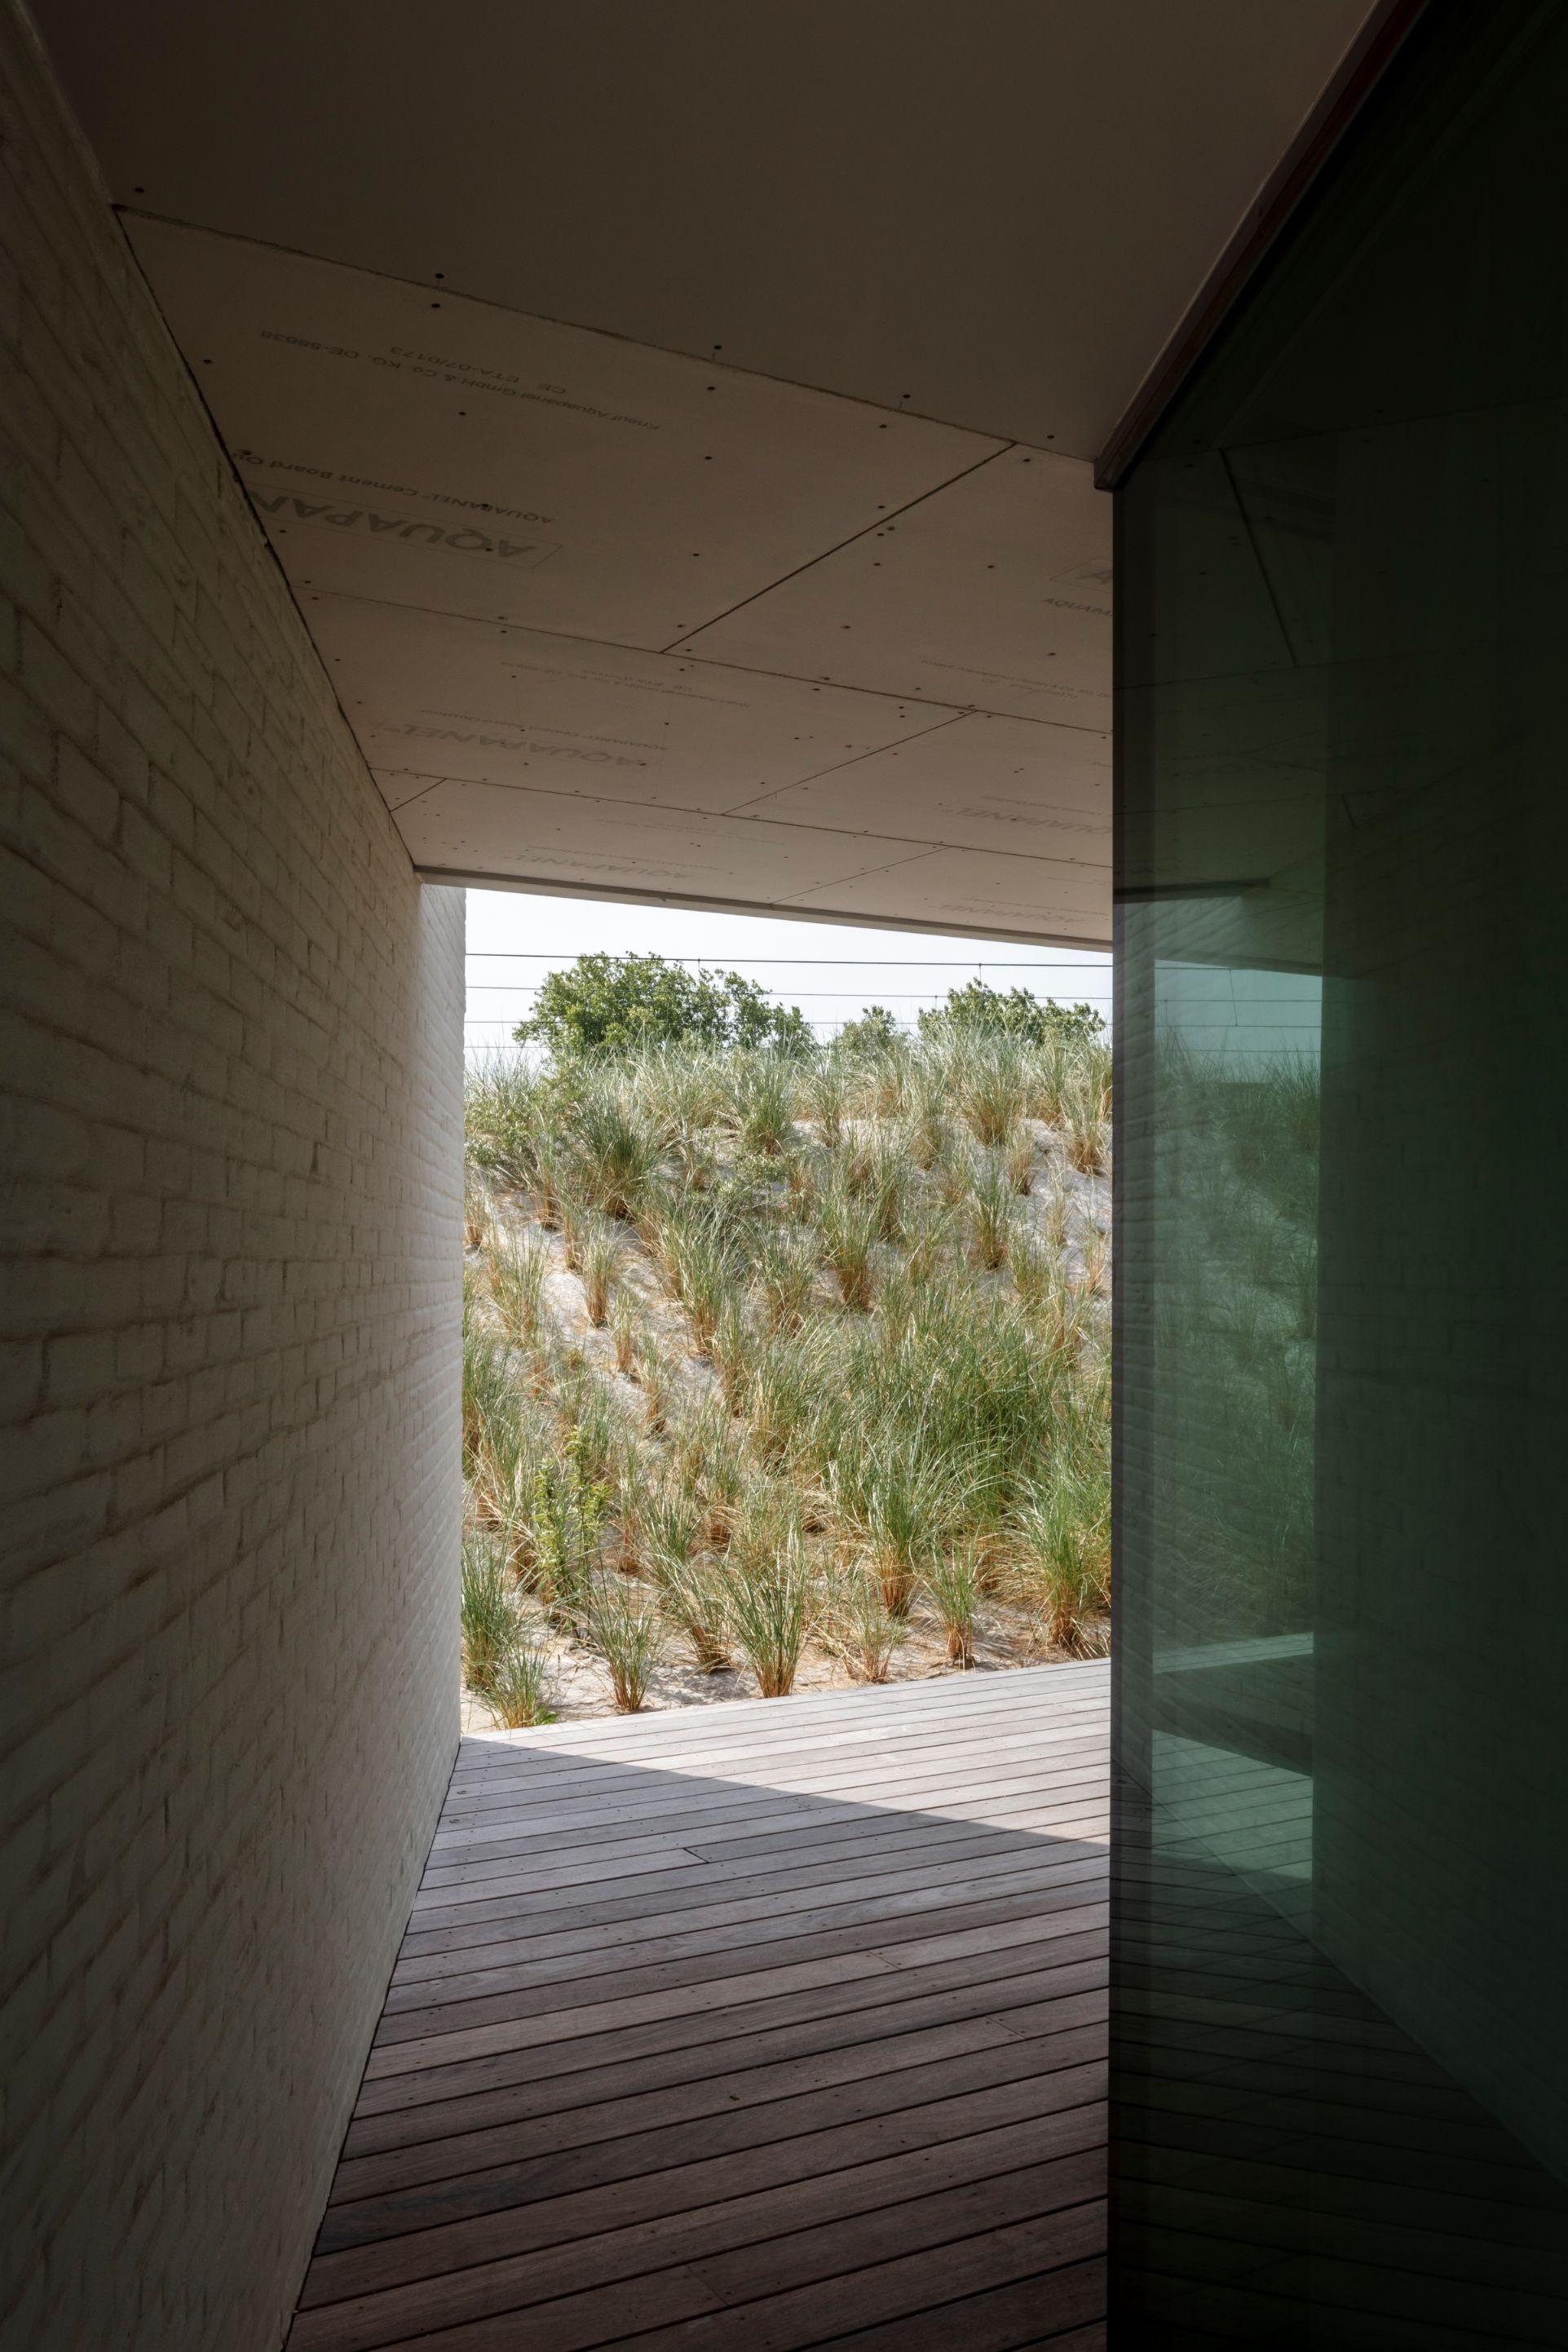 Hans Wegner - Rietveldprojects - Koksijde - Tvdv7.jpg